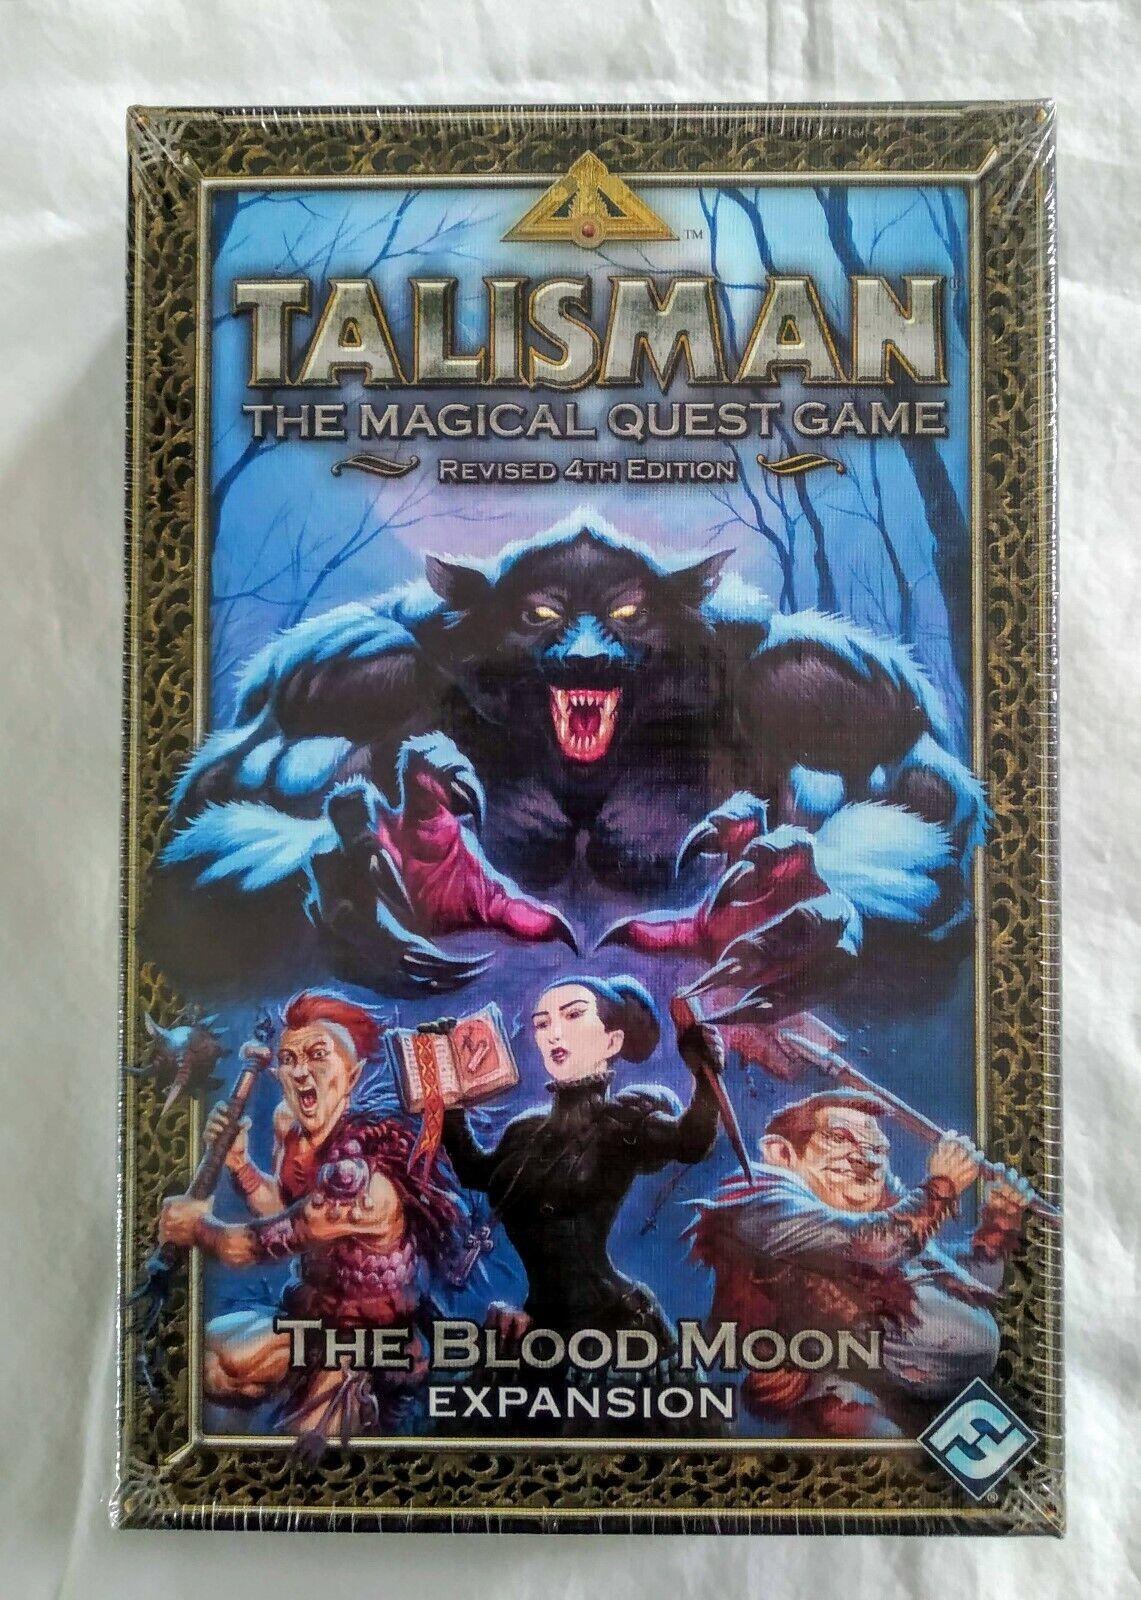 Talismán El magicla Quest Juego 4th edición revisada  la expansión de luna de sangre